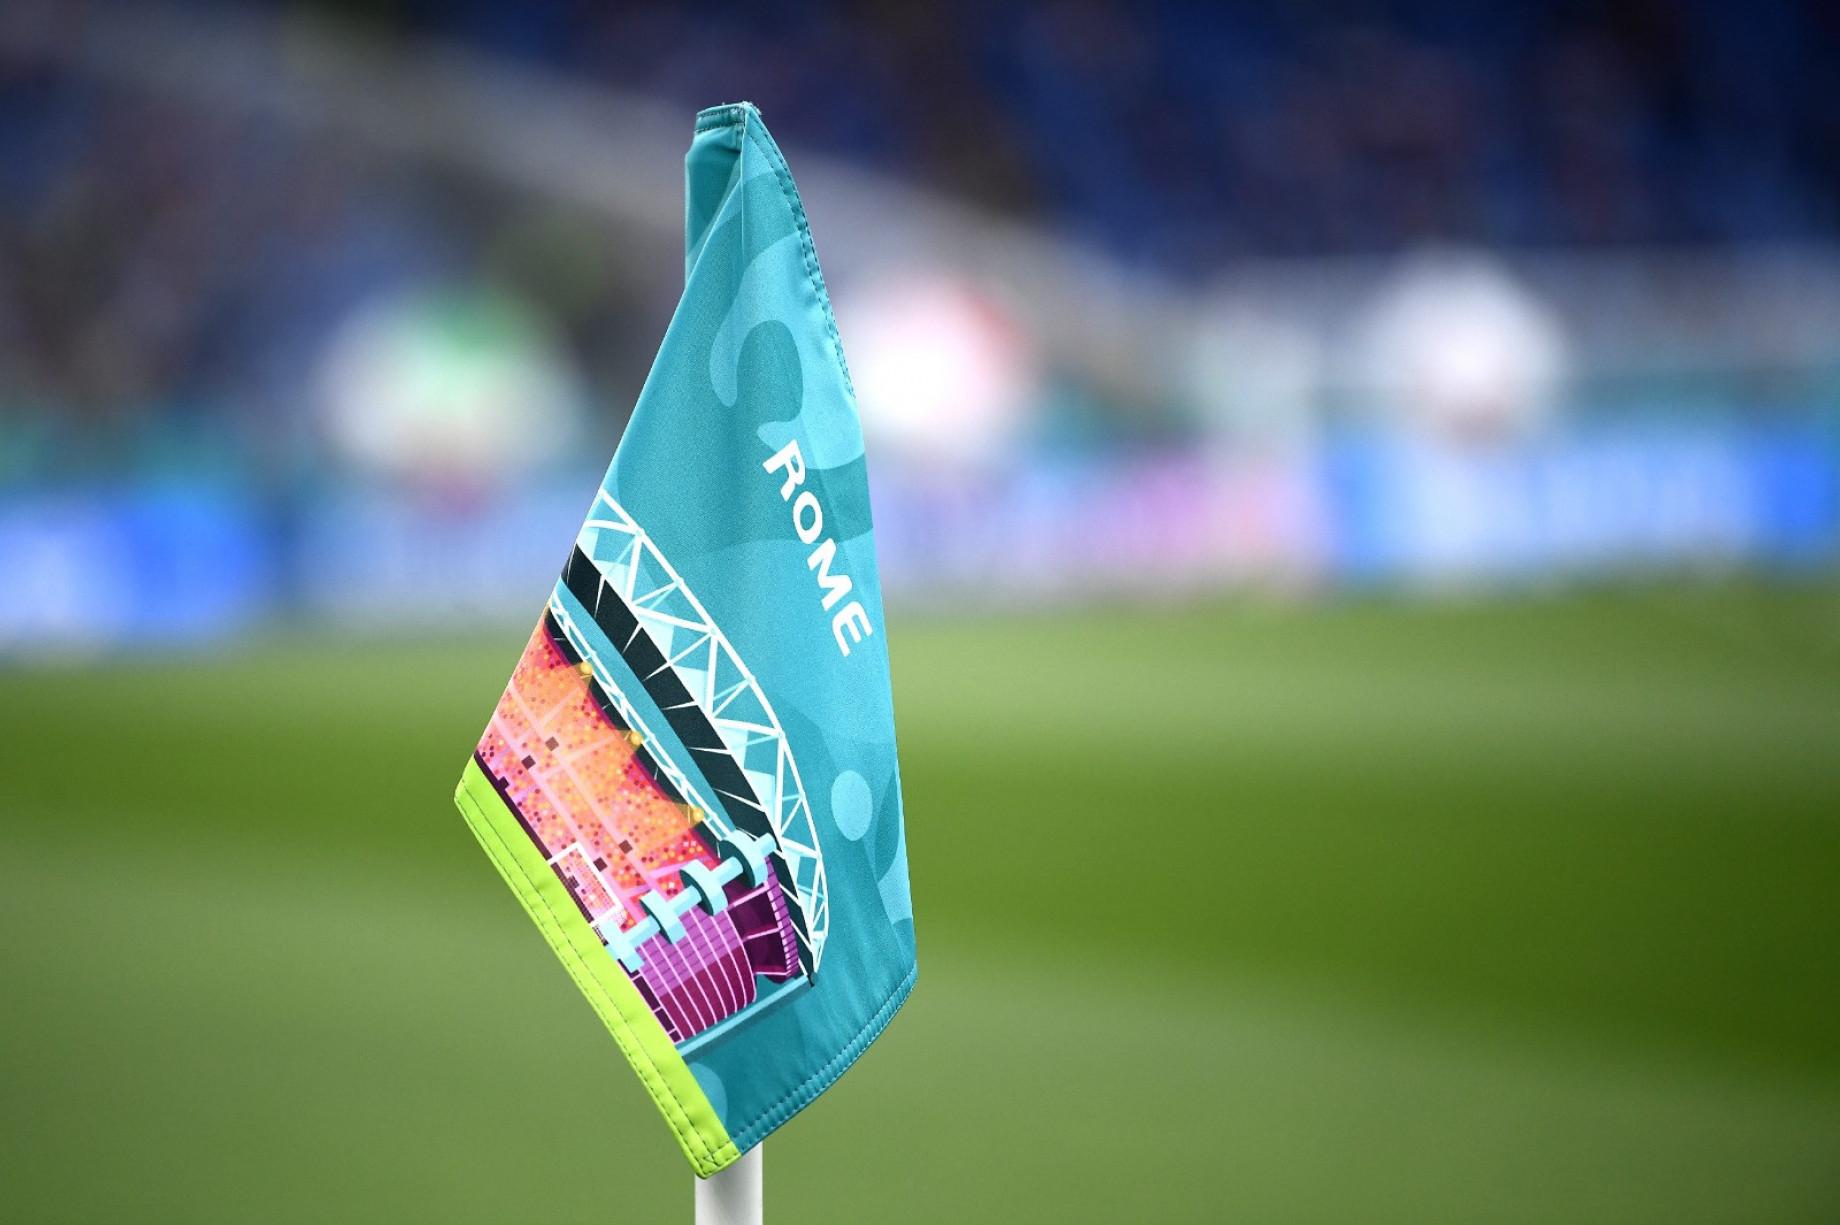 europeo-euro-stadio-olimpico-generica-image.jpeg